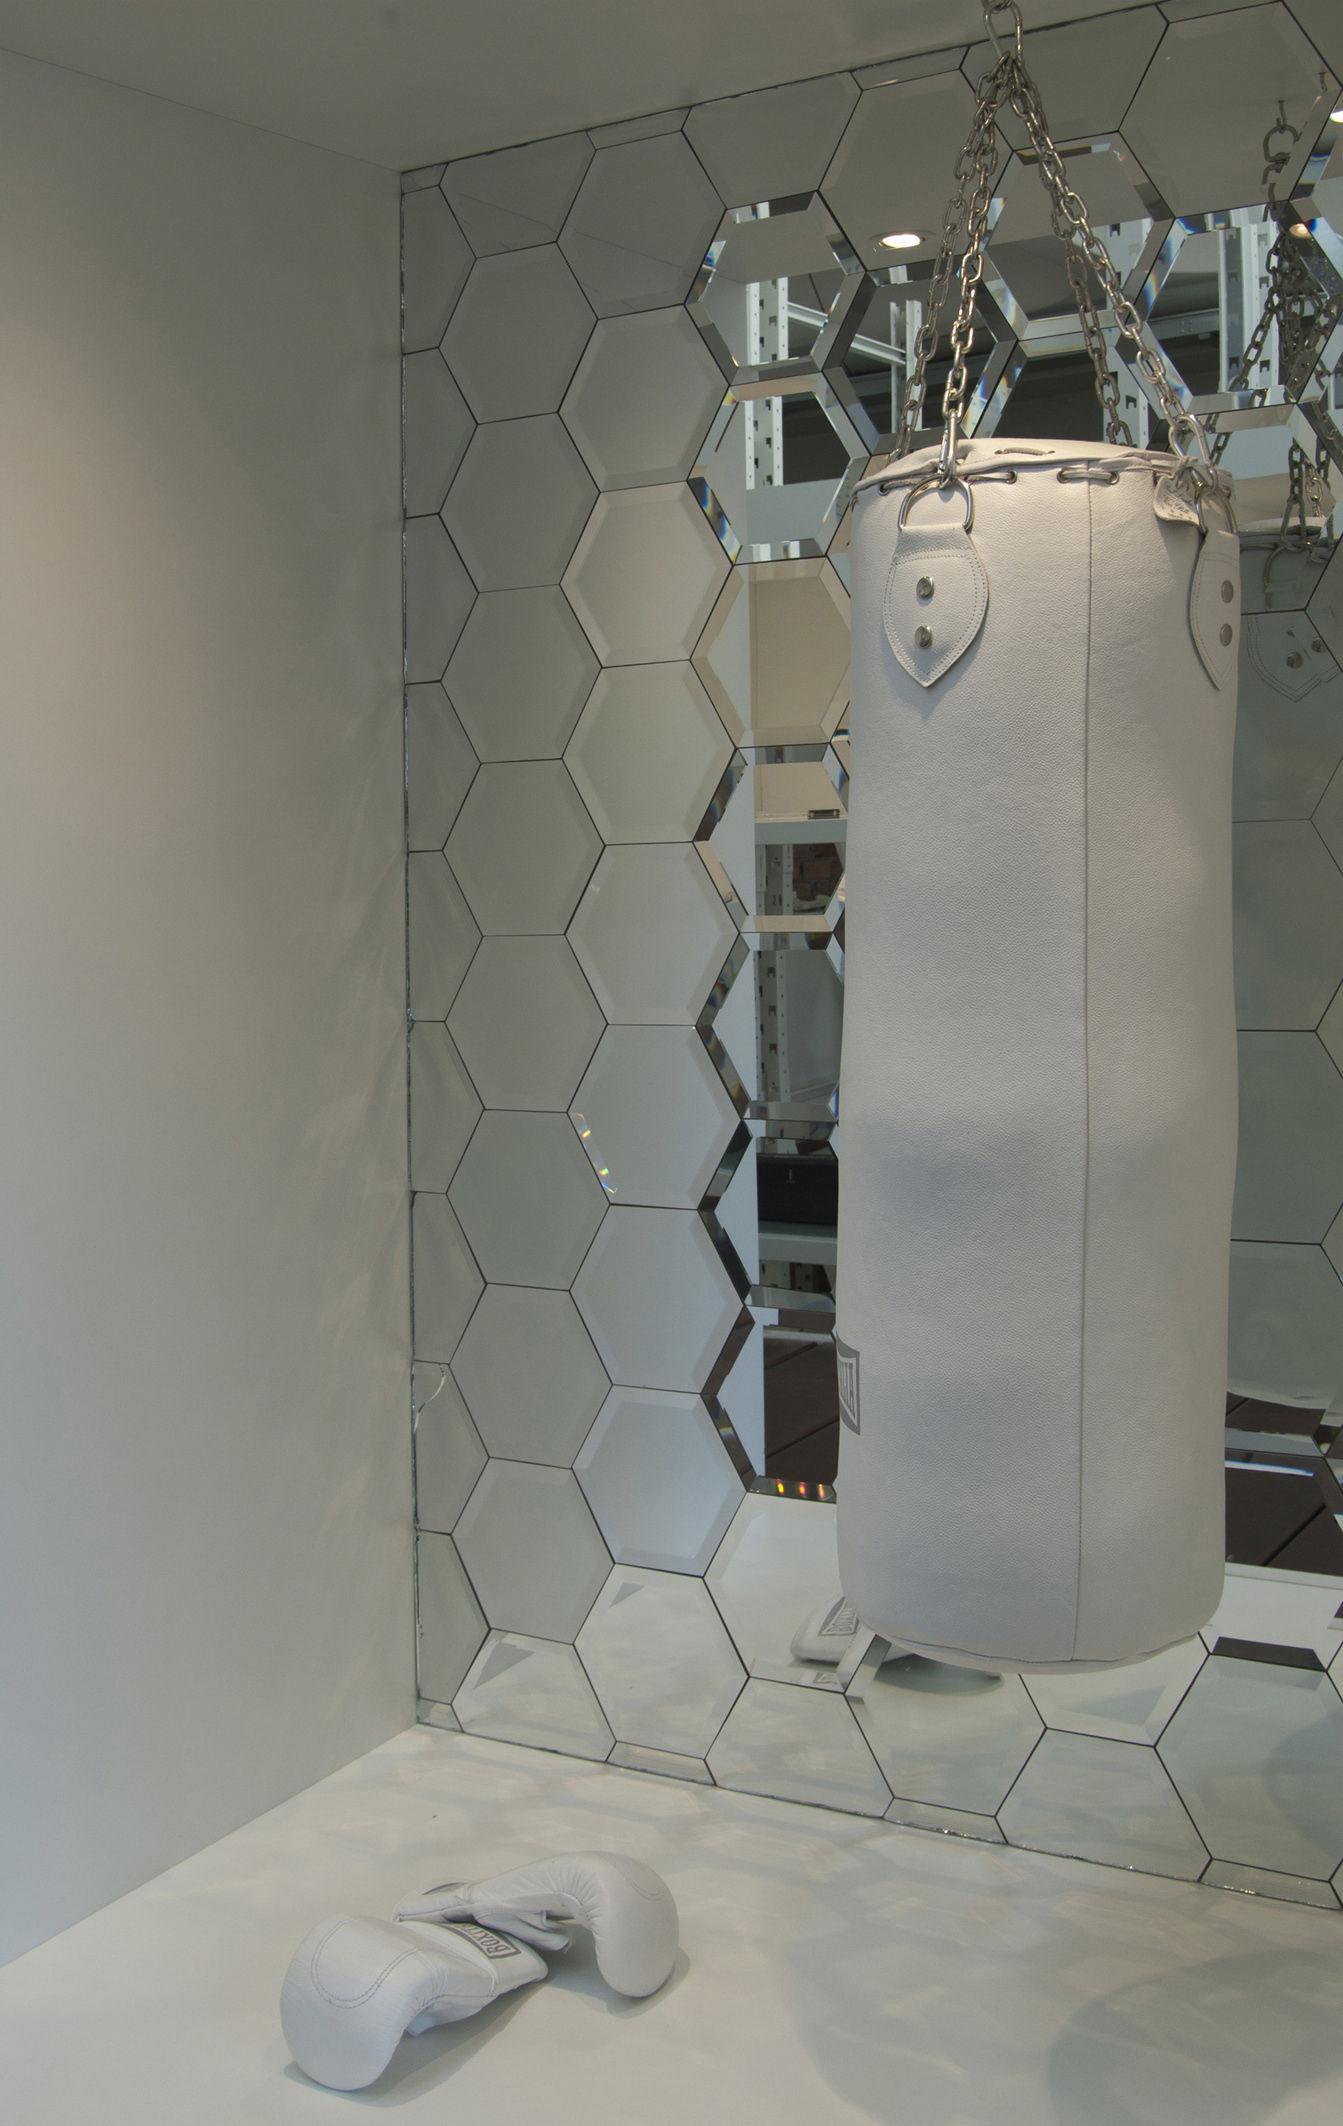 Scopri Specchio Autocollante Mirrorize Hexagone 20x20